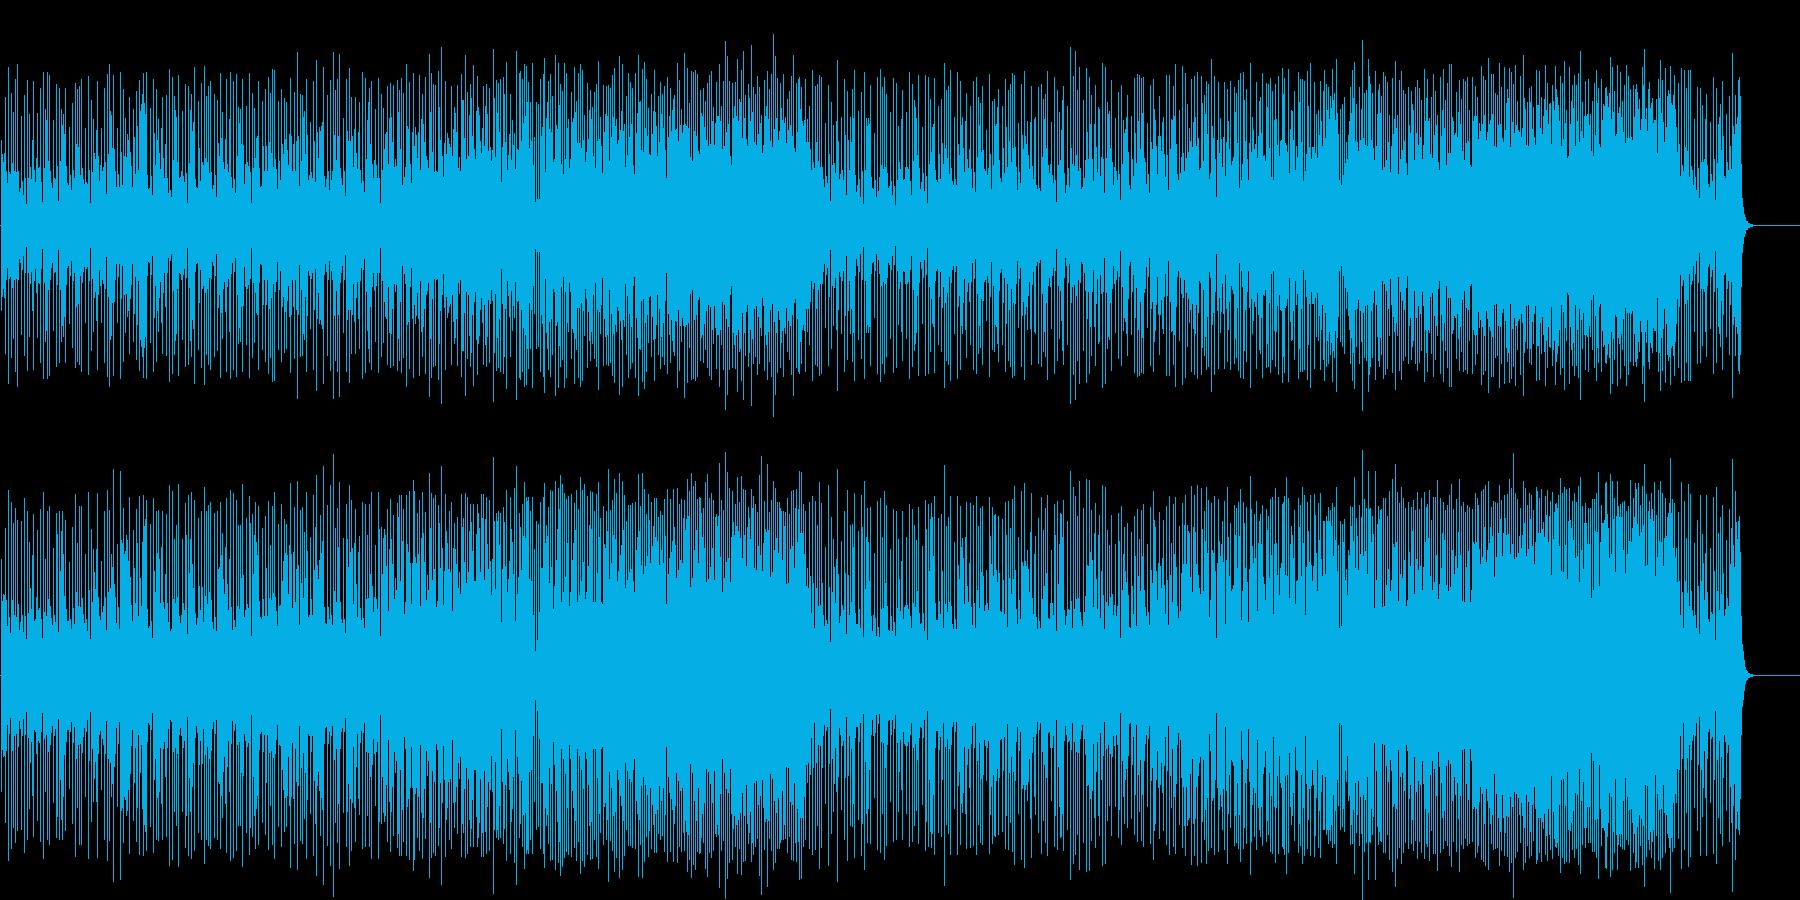 建設的で夢のあるロック/フュージョンの再生済みの波形